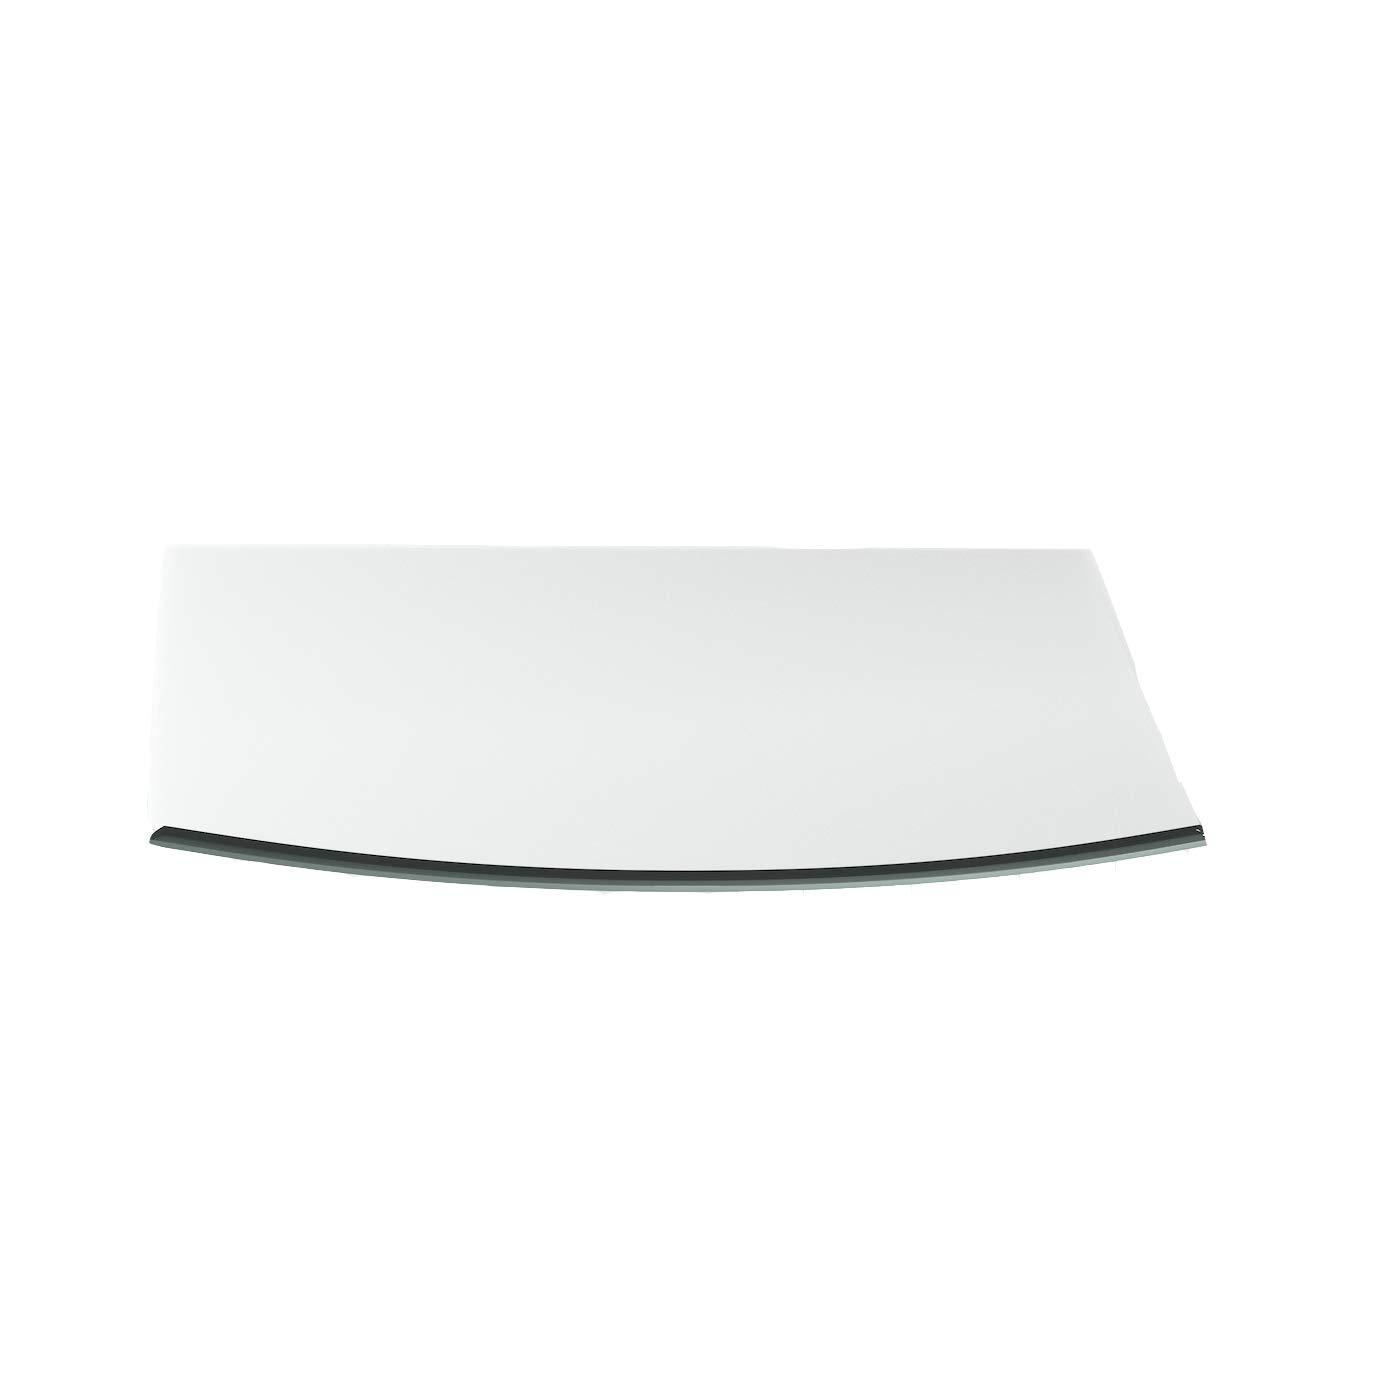 Funkenschutzplatte G7 Rechteck ESG 6mm x 1200mm 1200mm 1200mm x 1000mm mit 18mm Facette Glasplatte Bodenplatte Kaminplatte Funkenschutz Ofenplatte Kaminglas d17b08